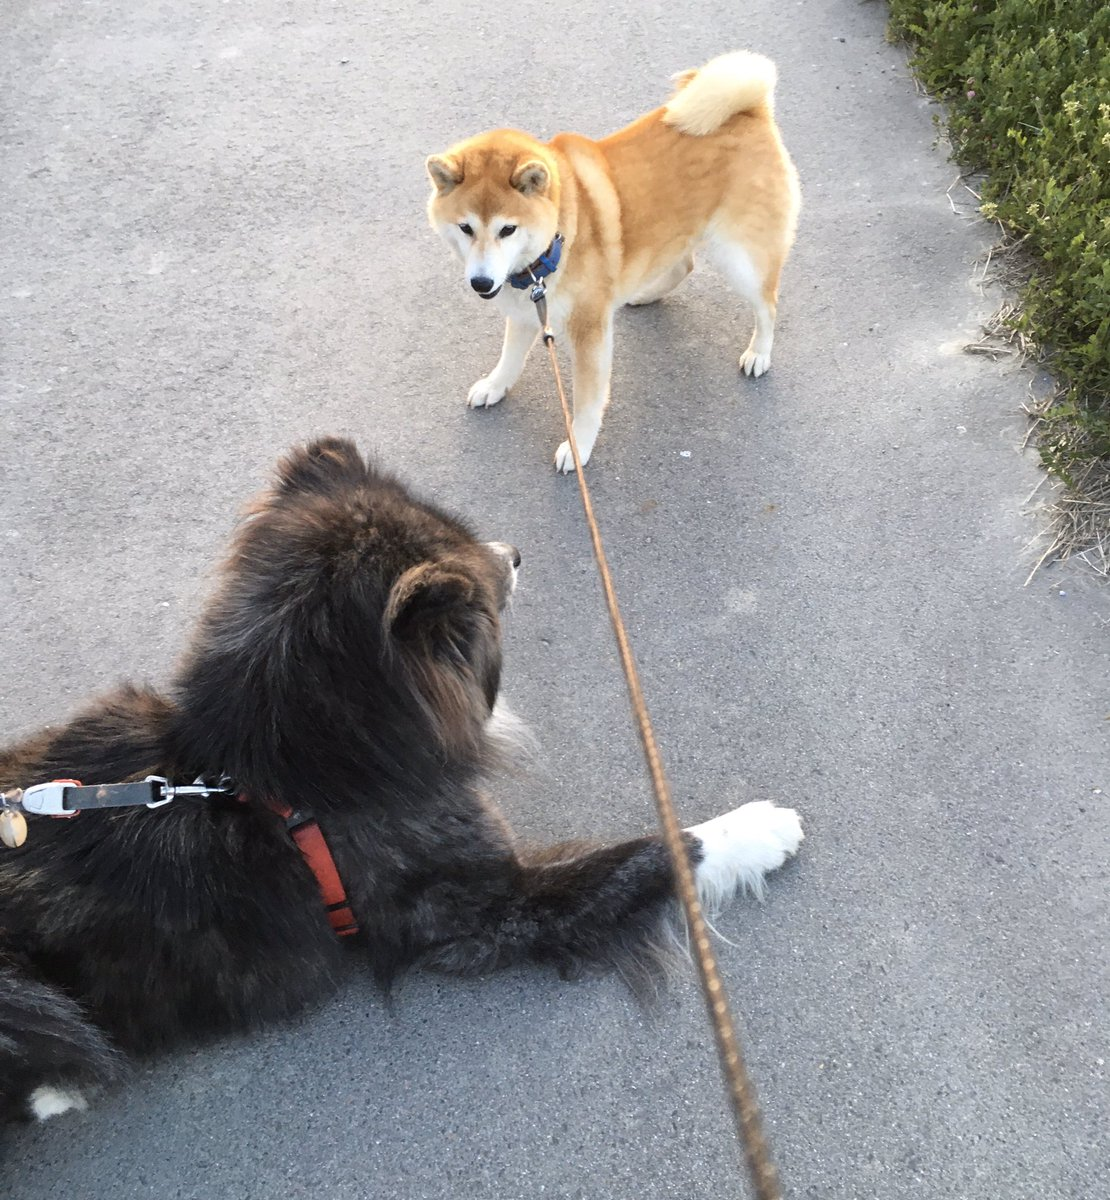 フルサイズの秋田犬に出会った。柴犬が小型犬に分類されるわけがわかりました。